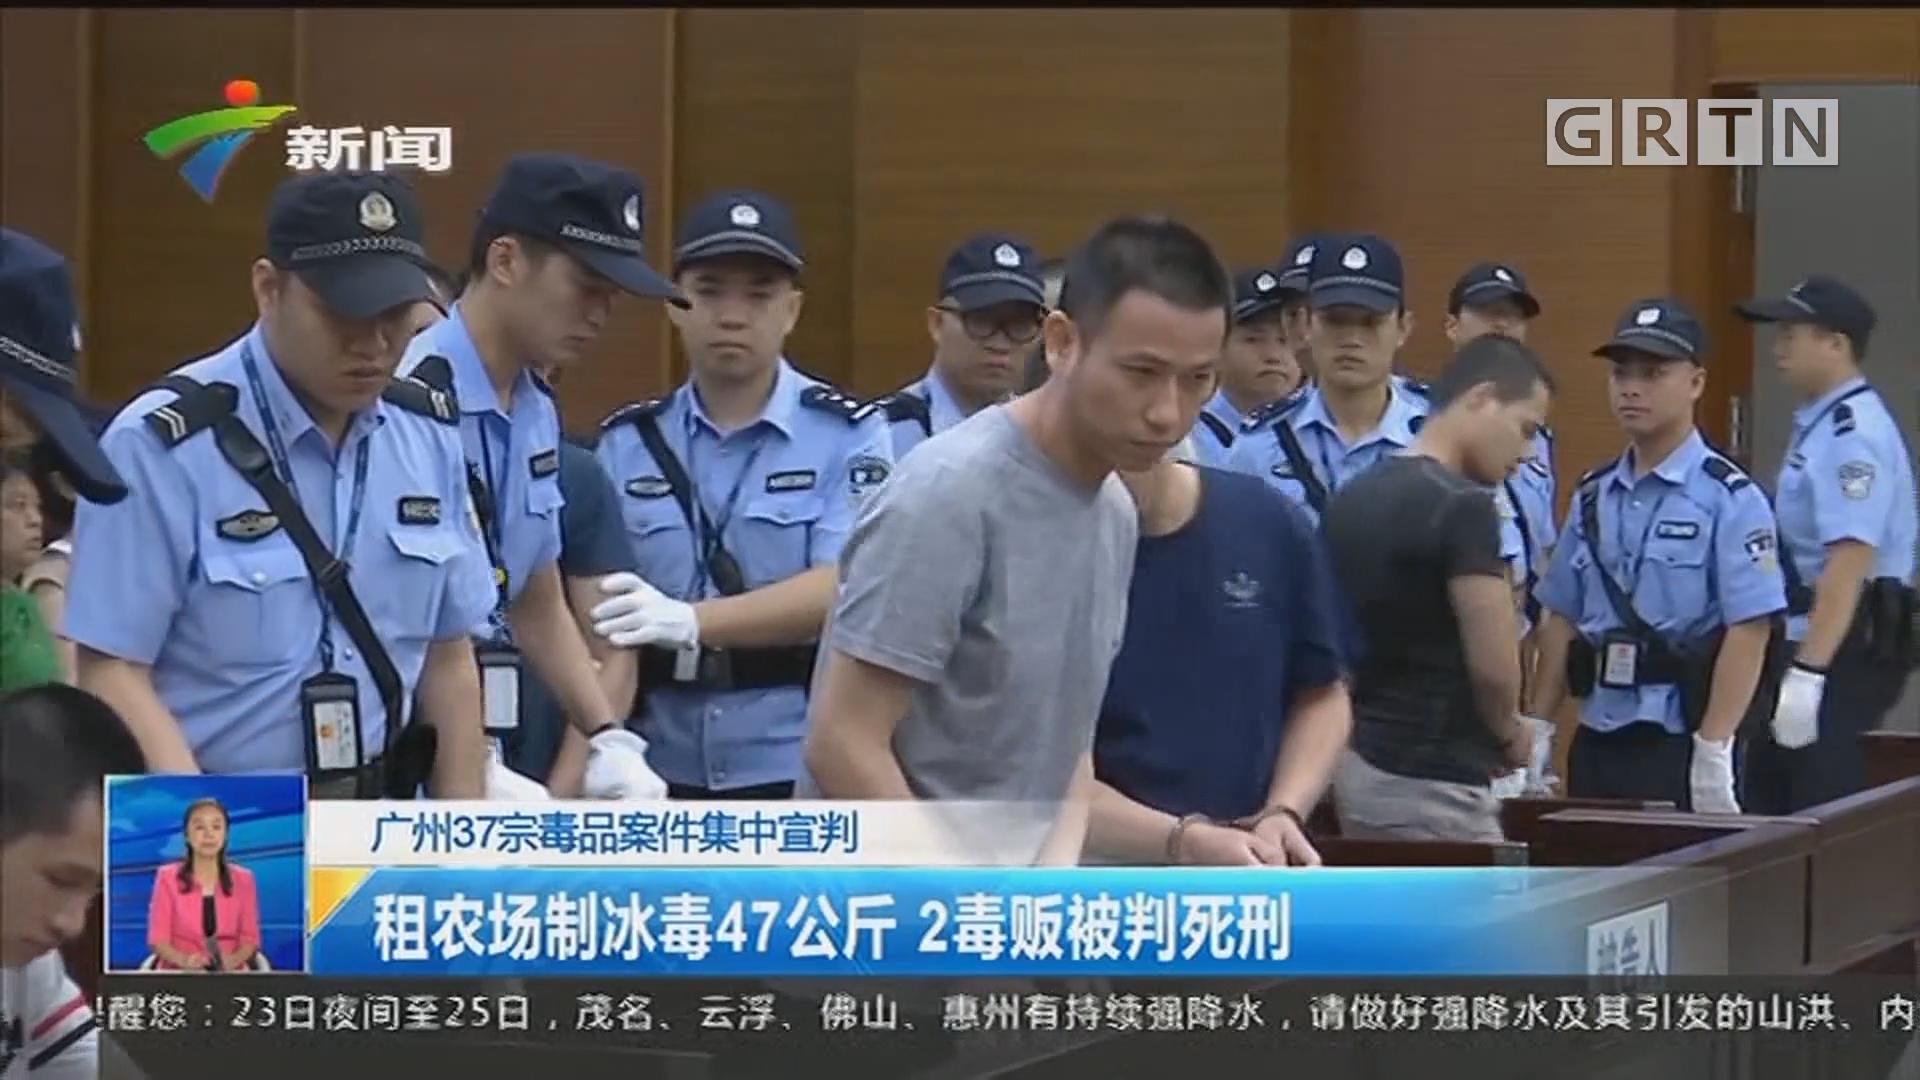 广州37宗毒品案件集中宣判:租农场制冰毒47公斤 2毒贩被判死刑